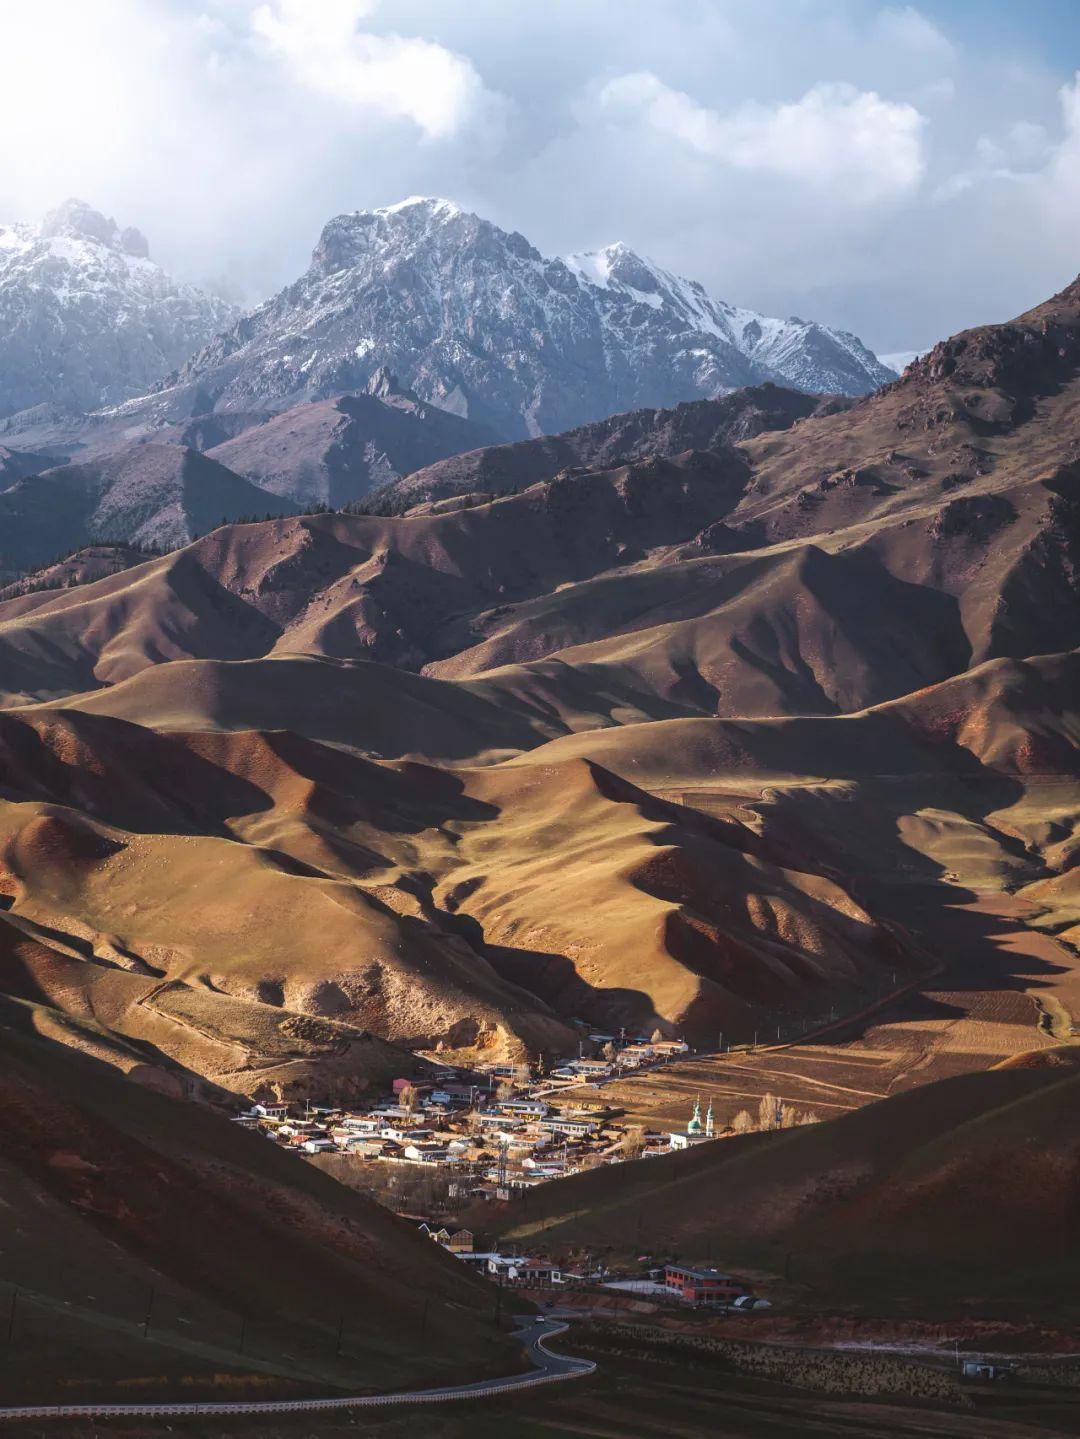 祁连山偏安于青藏高原边缘,南坡是青海一侧,北坡是甘肃一侧(石磊 摄/视觉中国供图)